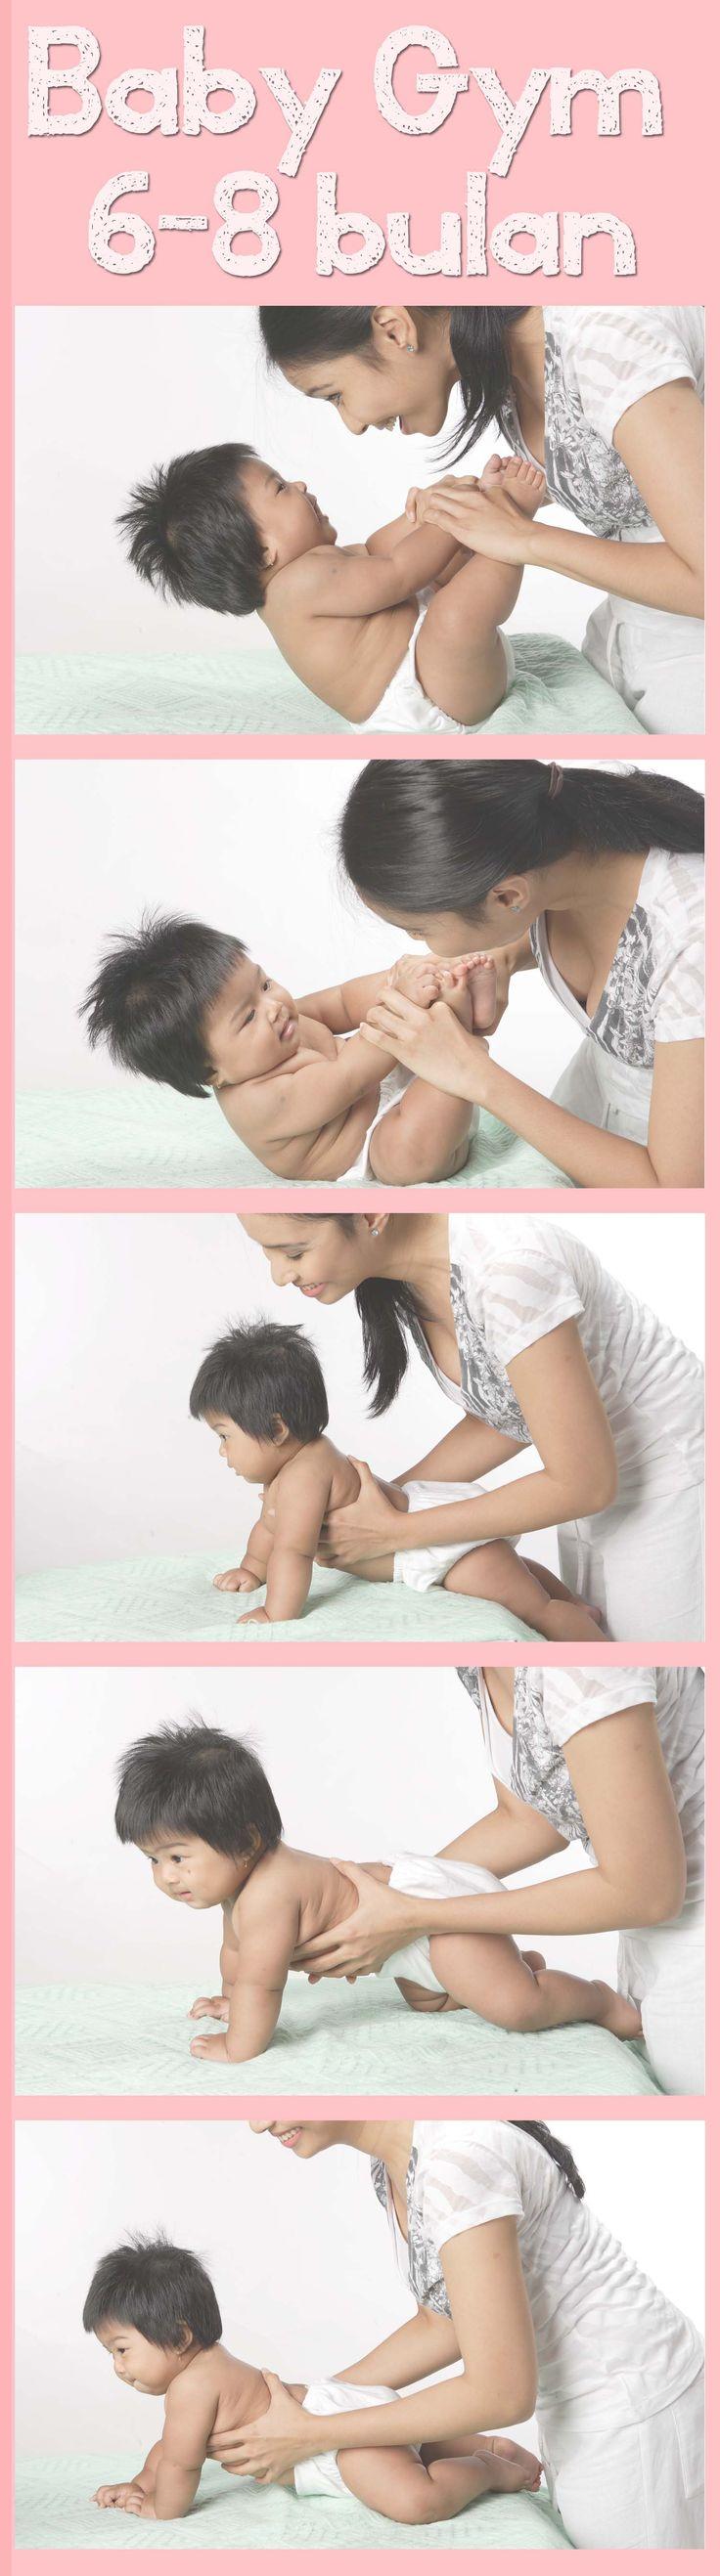 Baby Gym 6-8 bulan